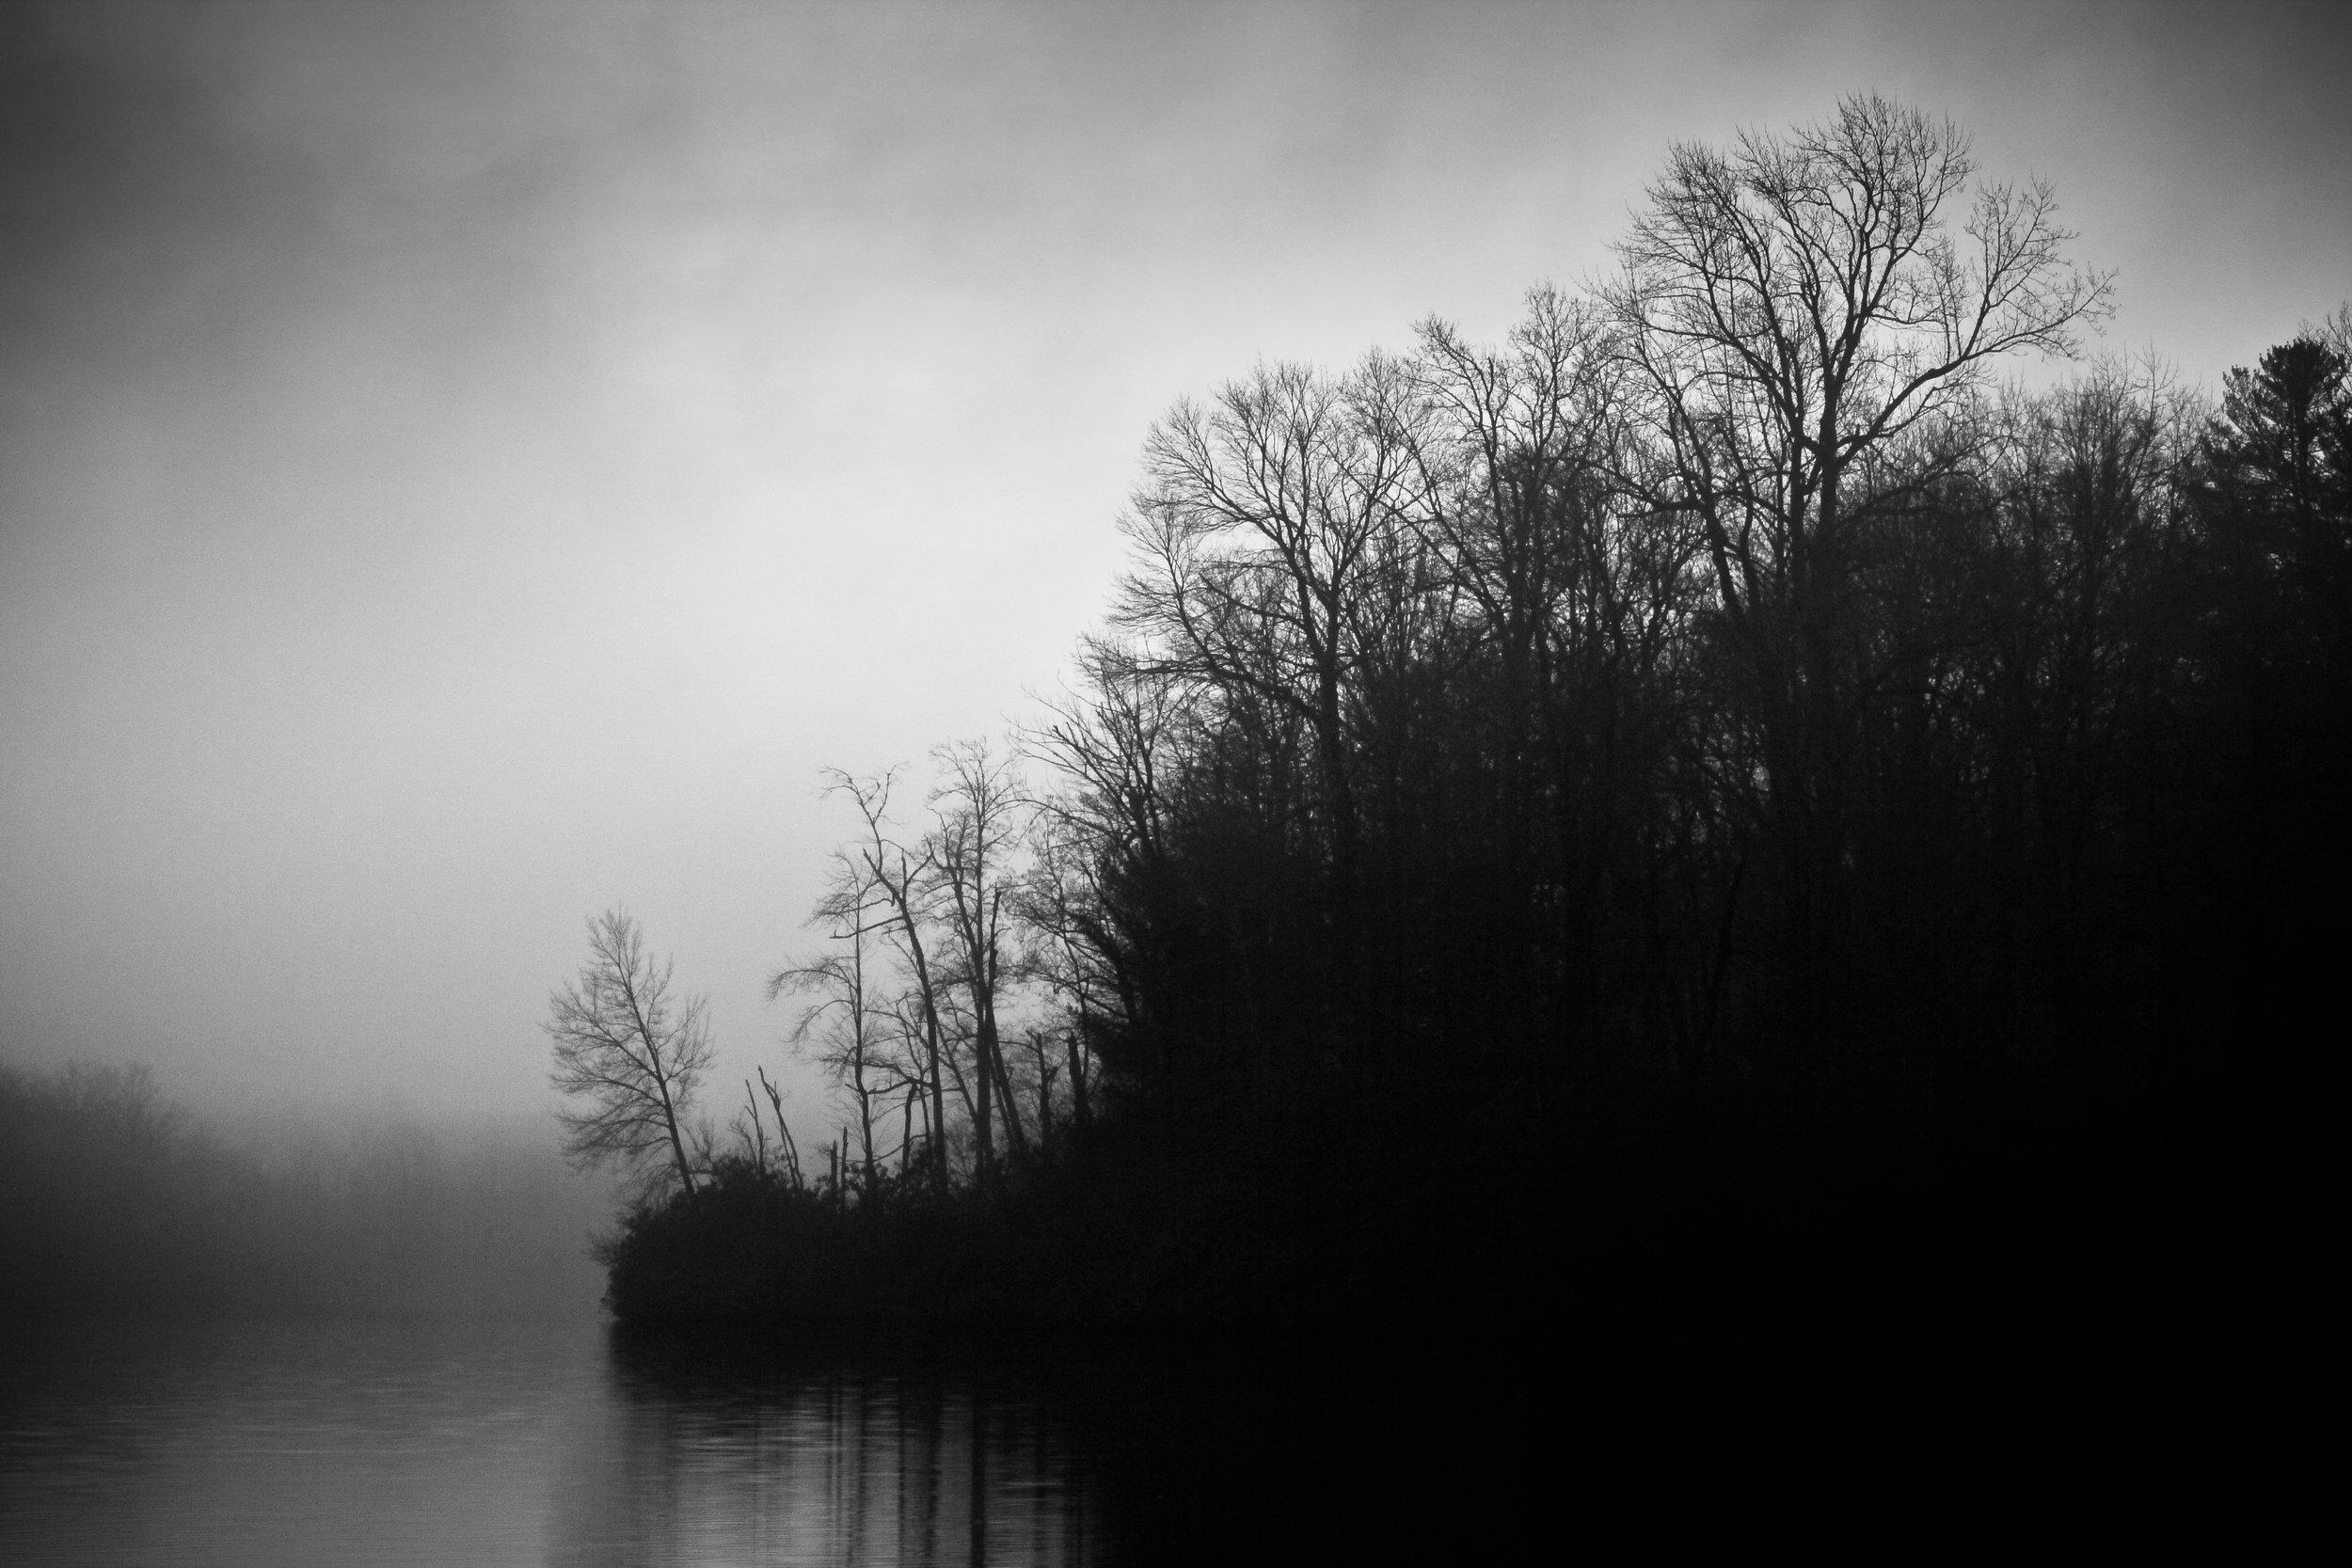 Price Lake in Mist